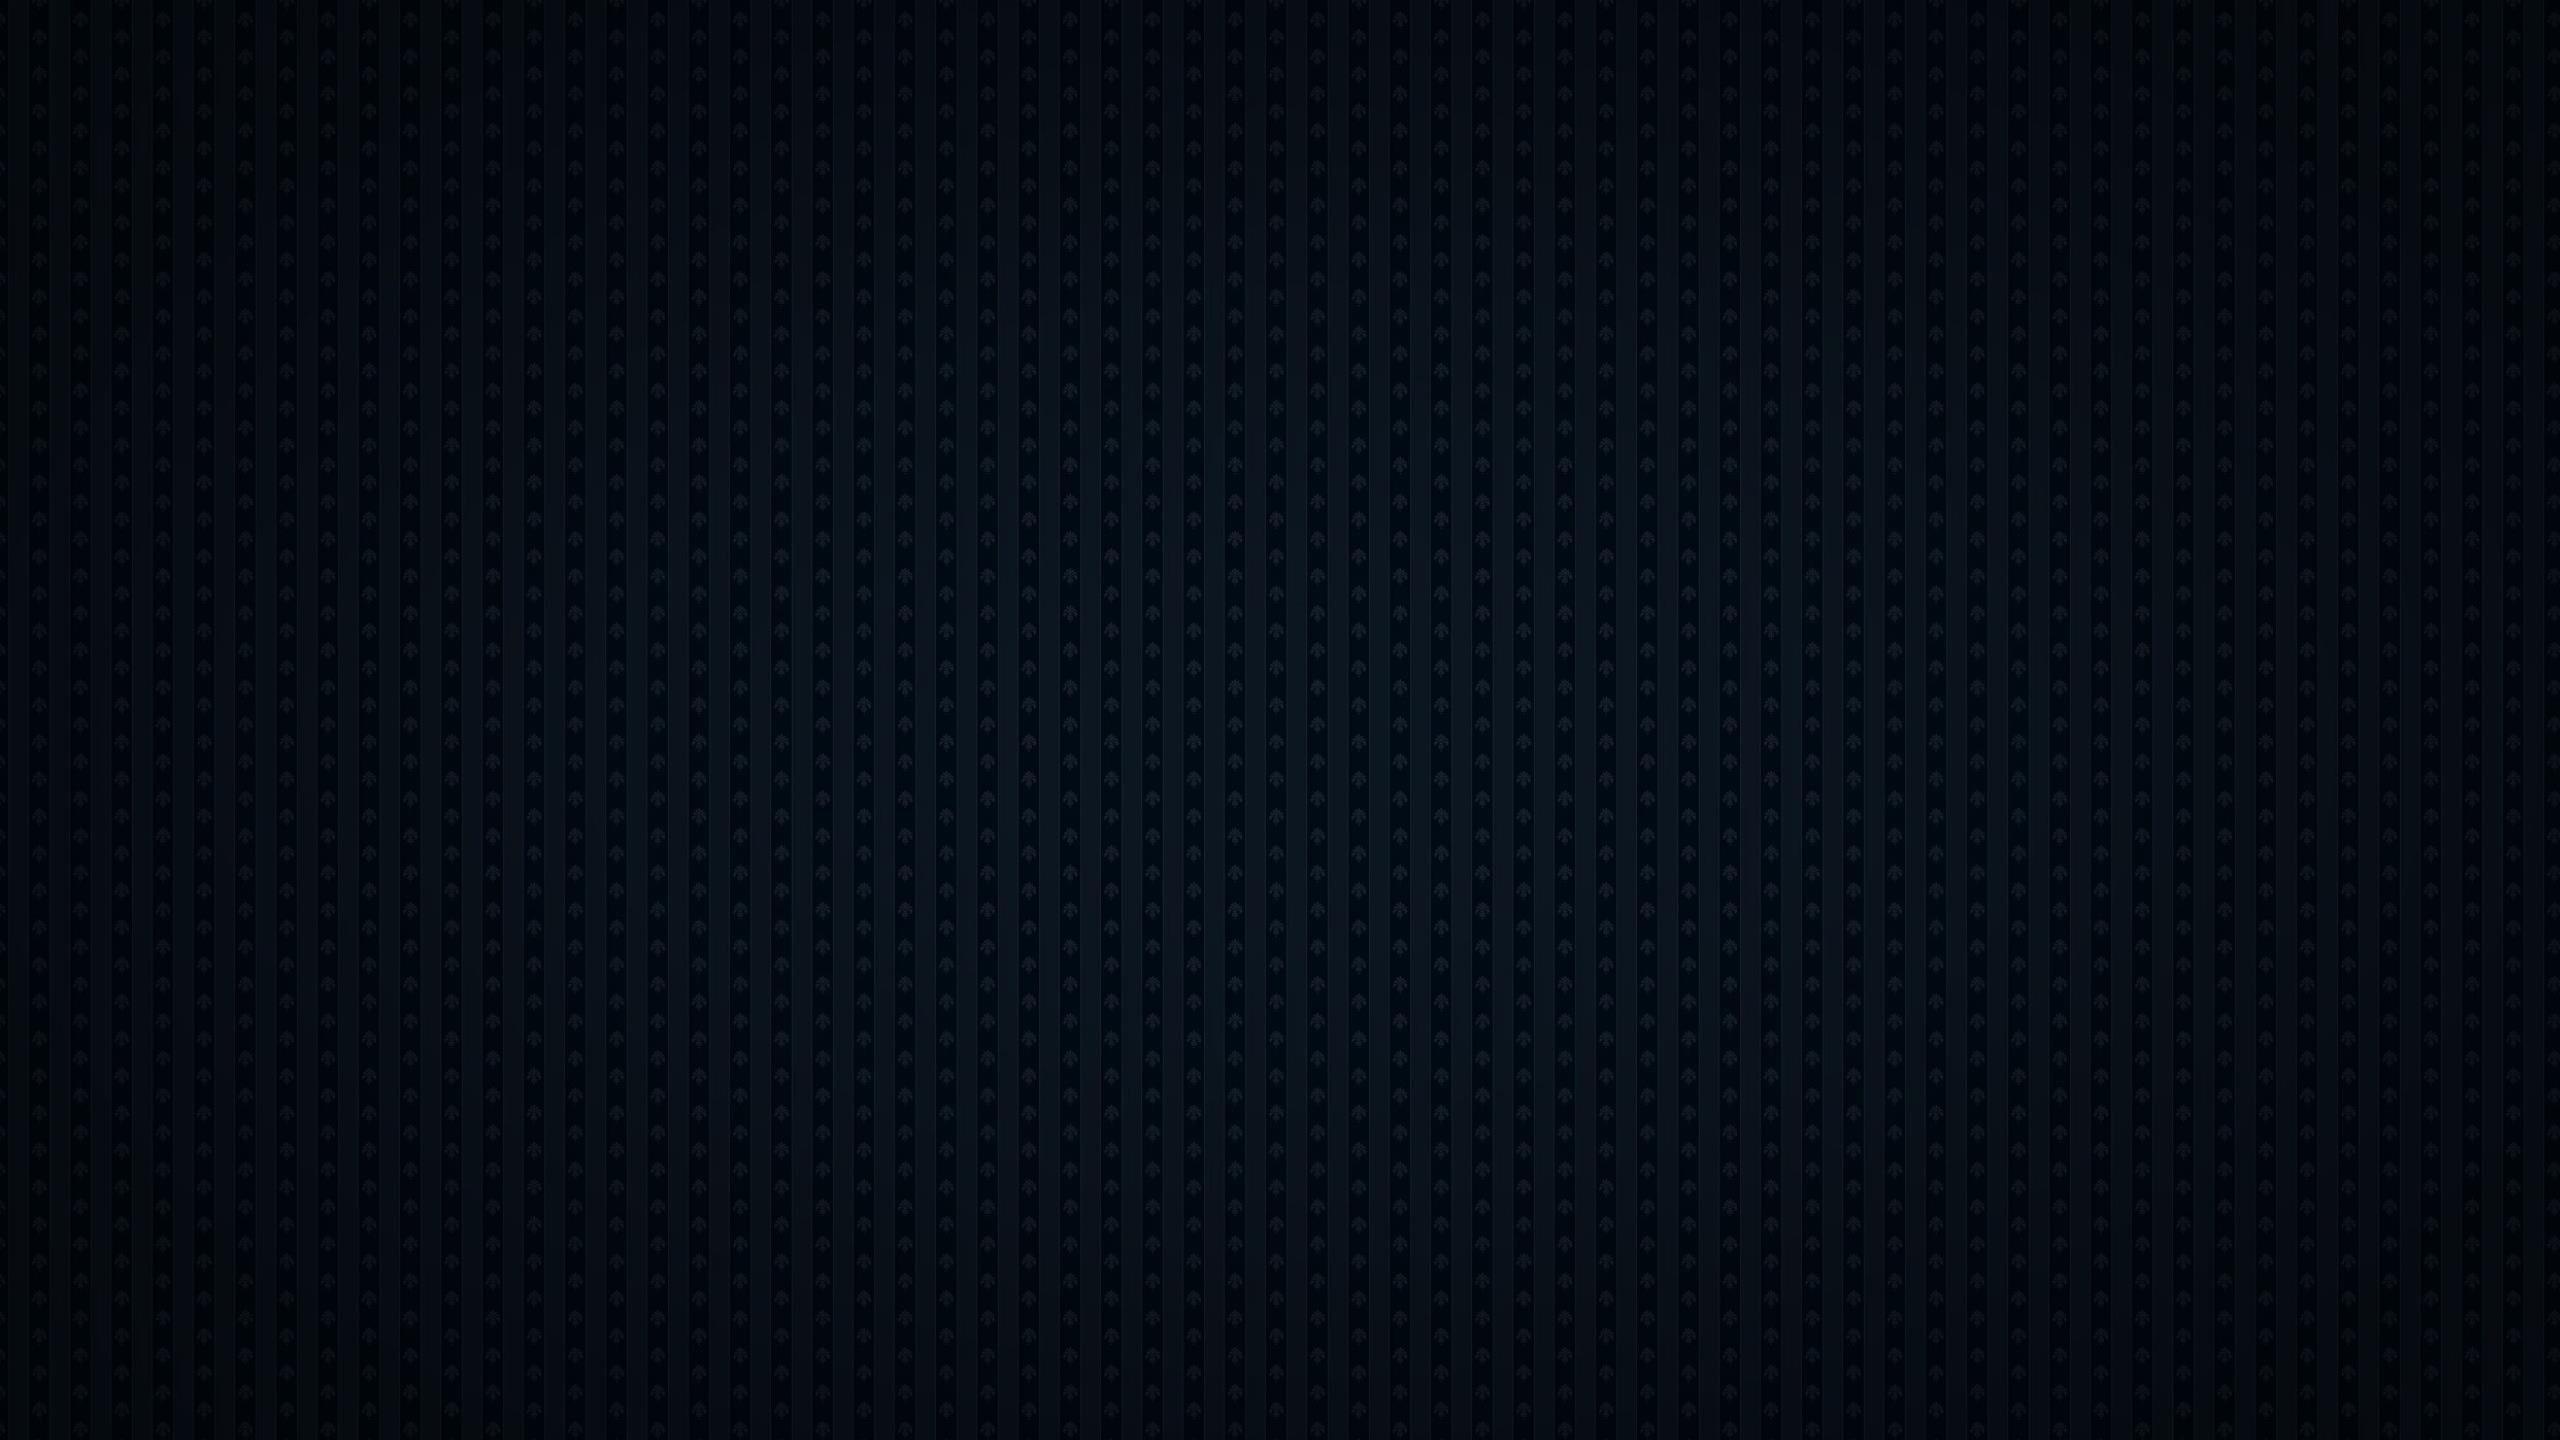 Background Textured Backgrounds Blue Darks Black Images